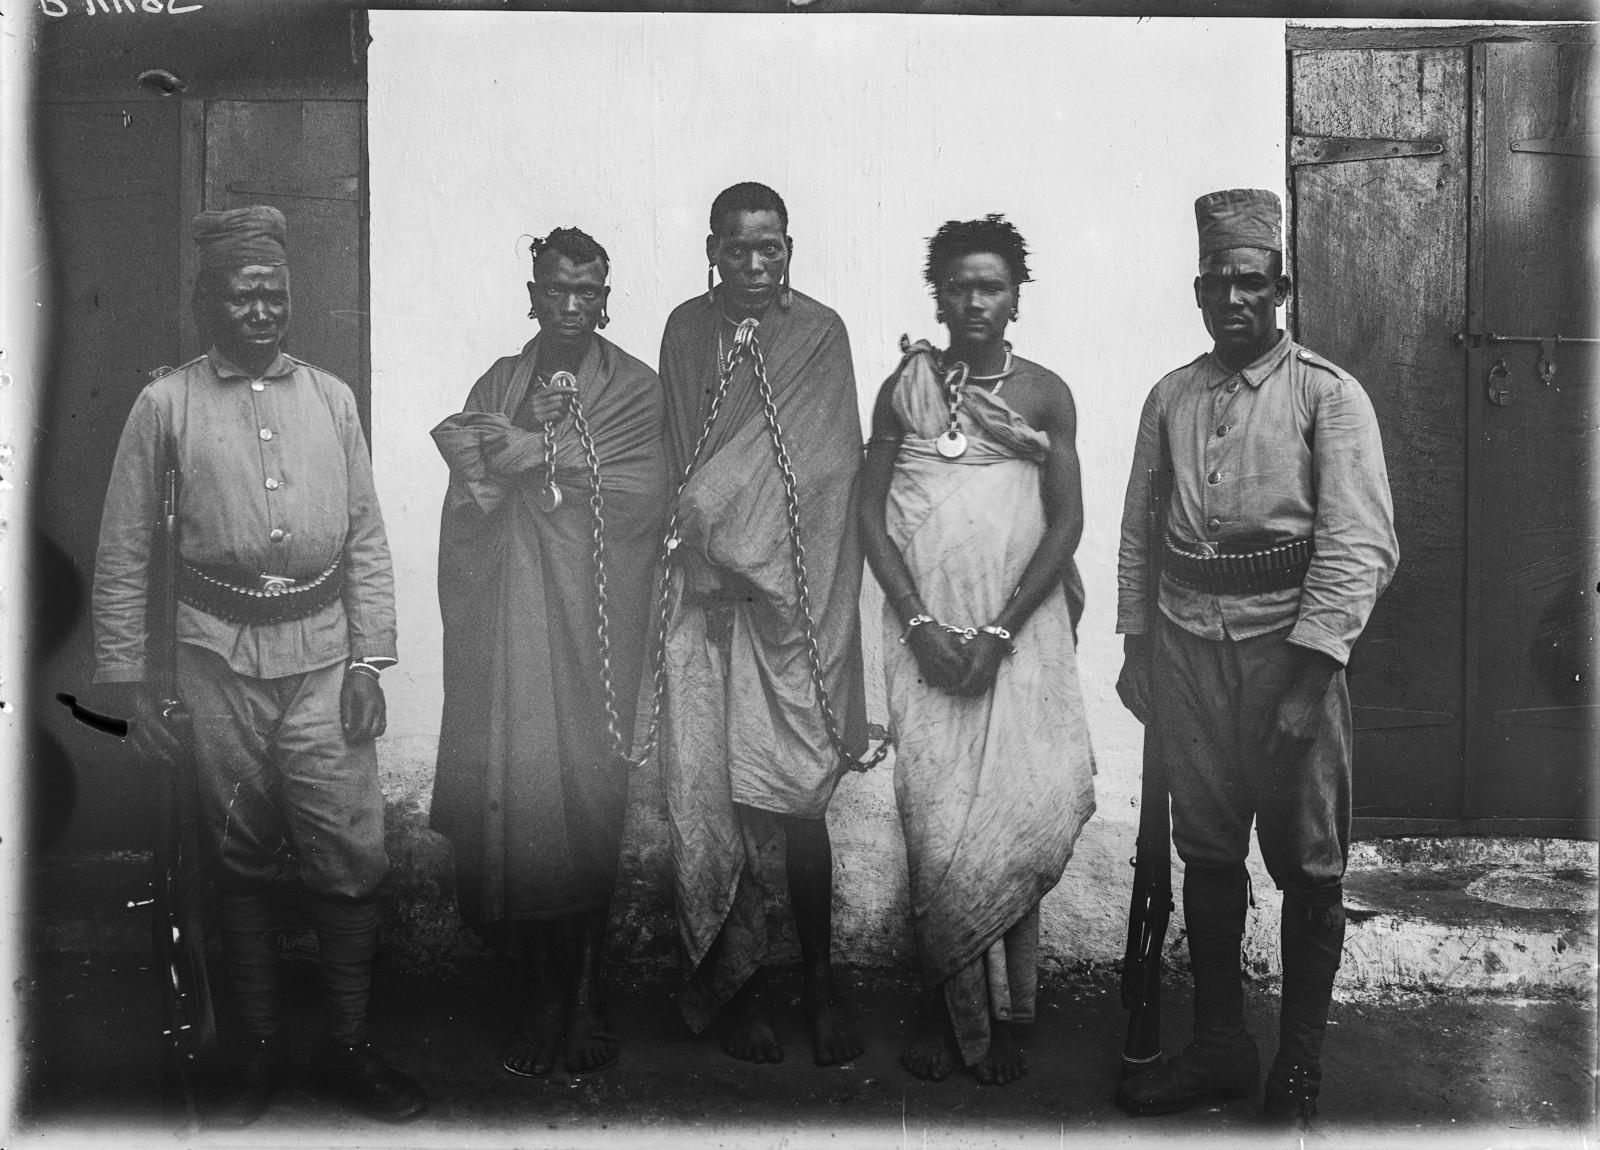 194. Групповой портрет двух солдат немецких колониальных войск и трех заключенных в цепях